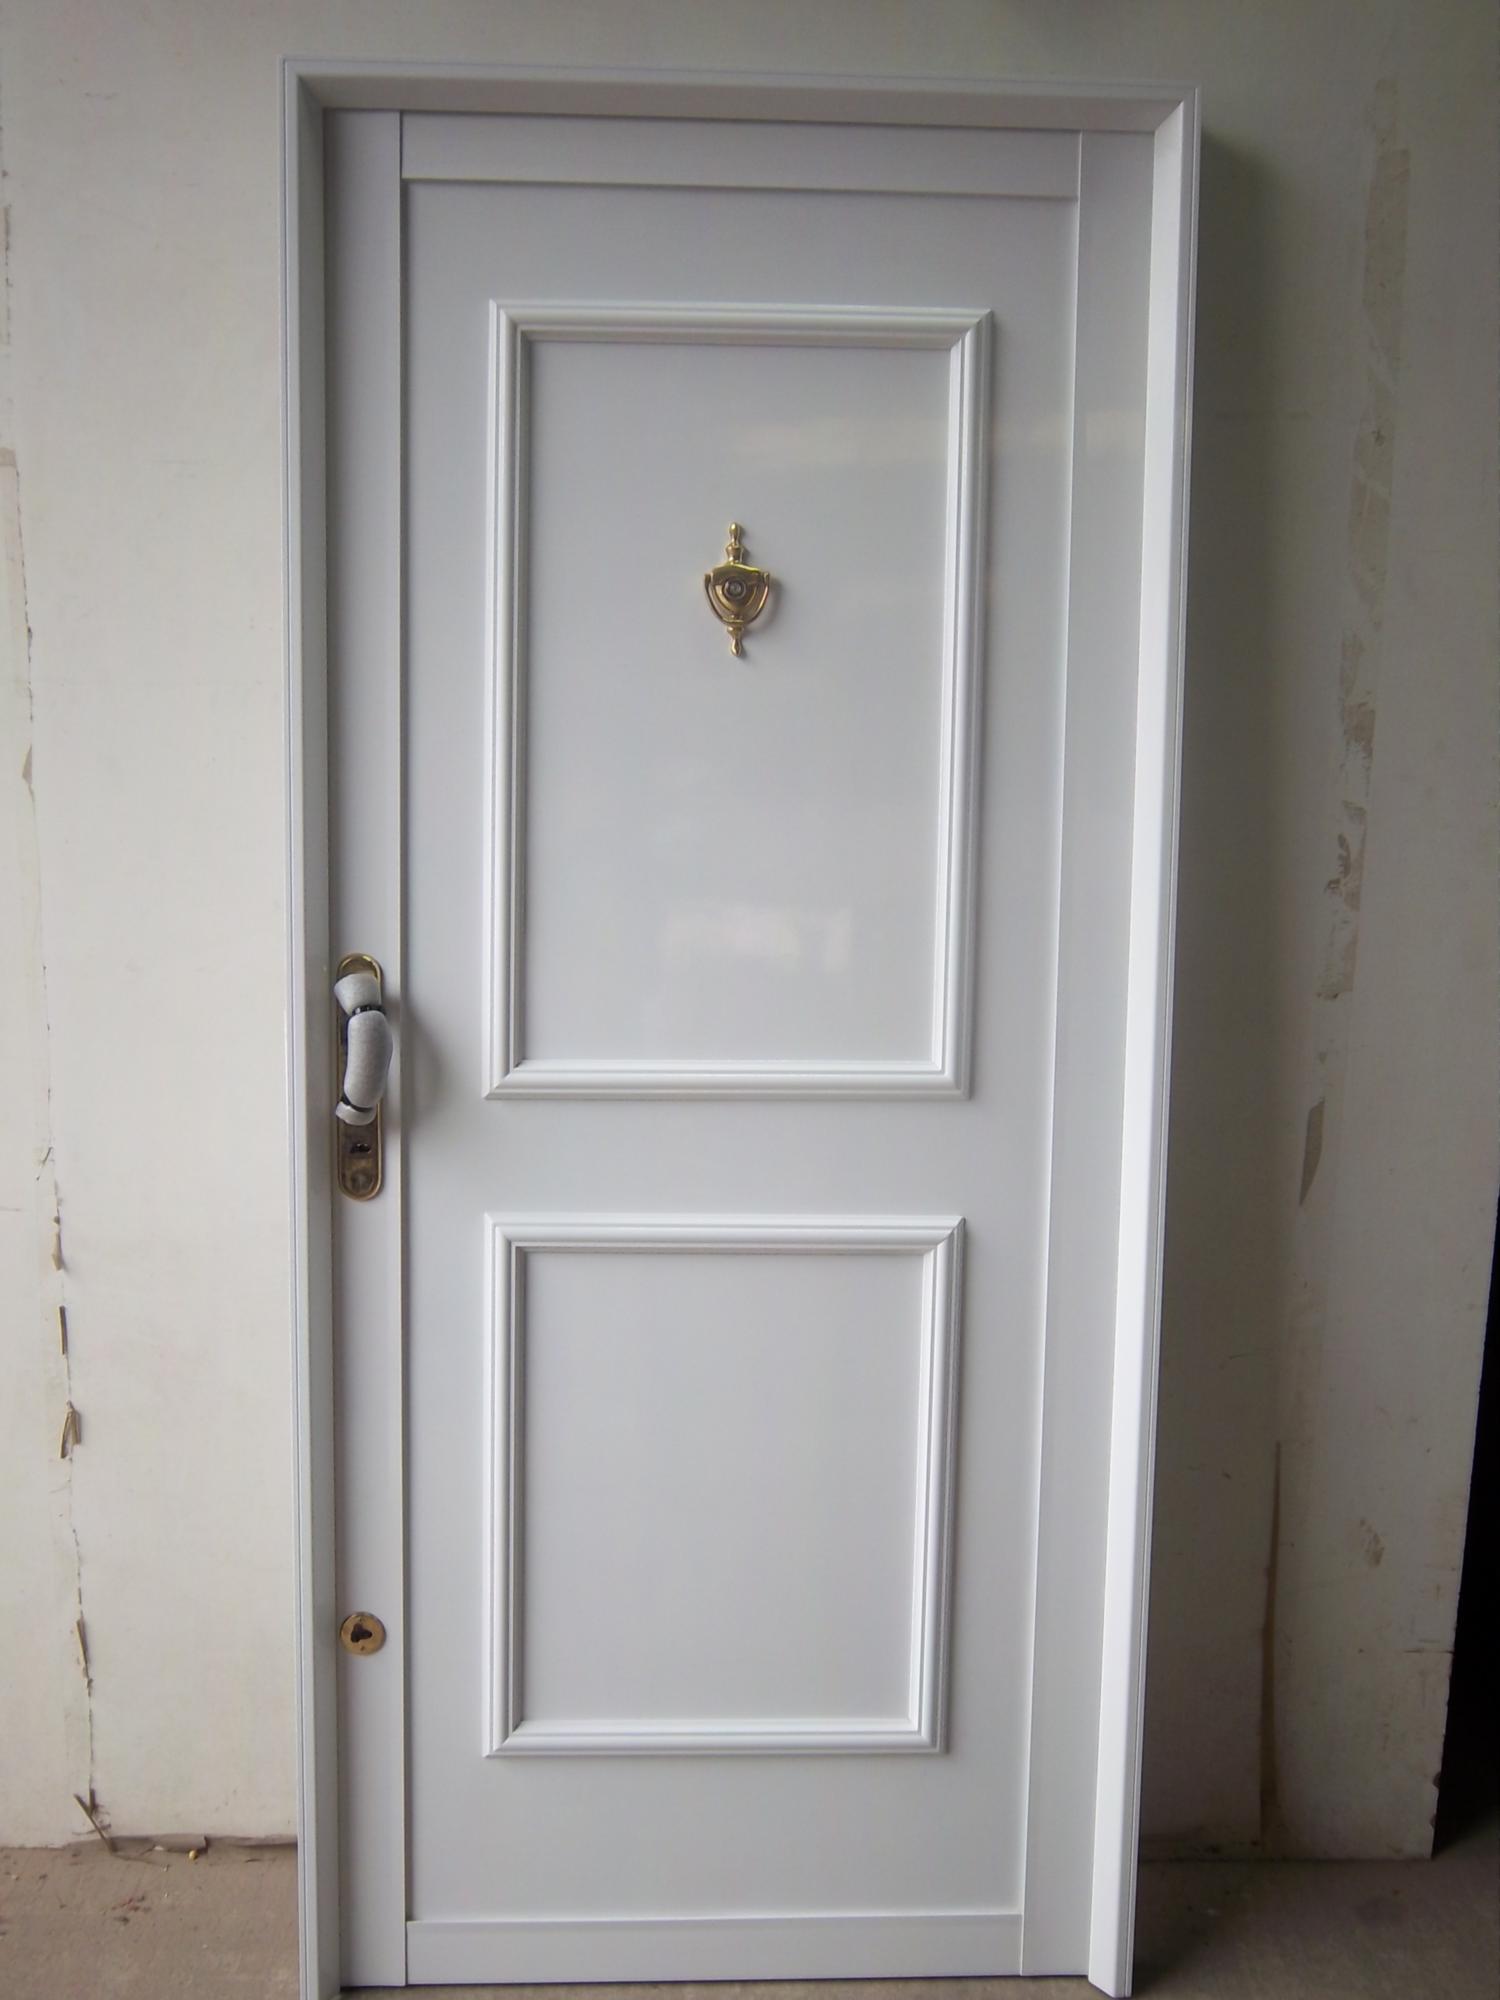 Puertas de frente aberturas granton for Puertas de frente de madera